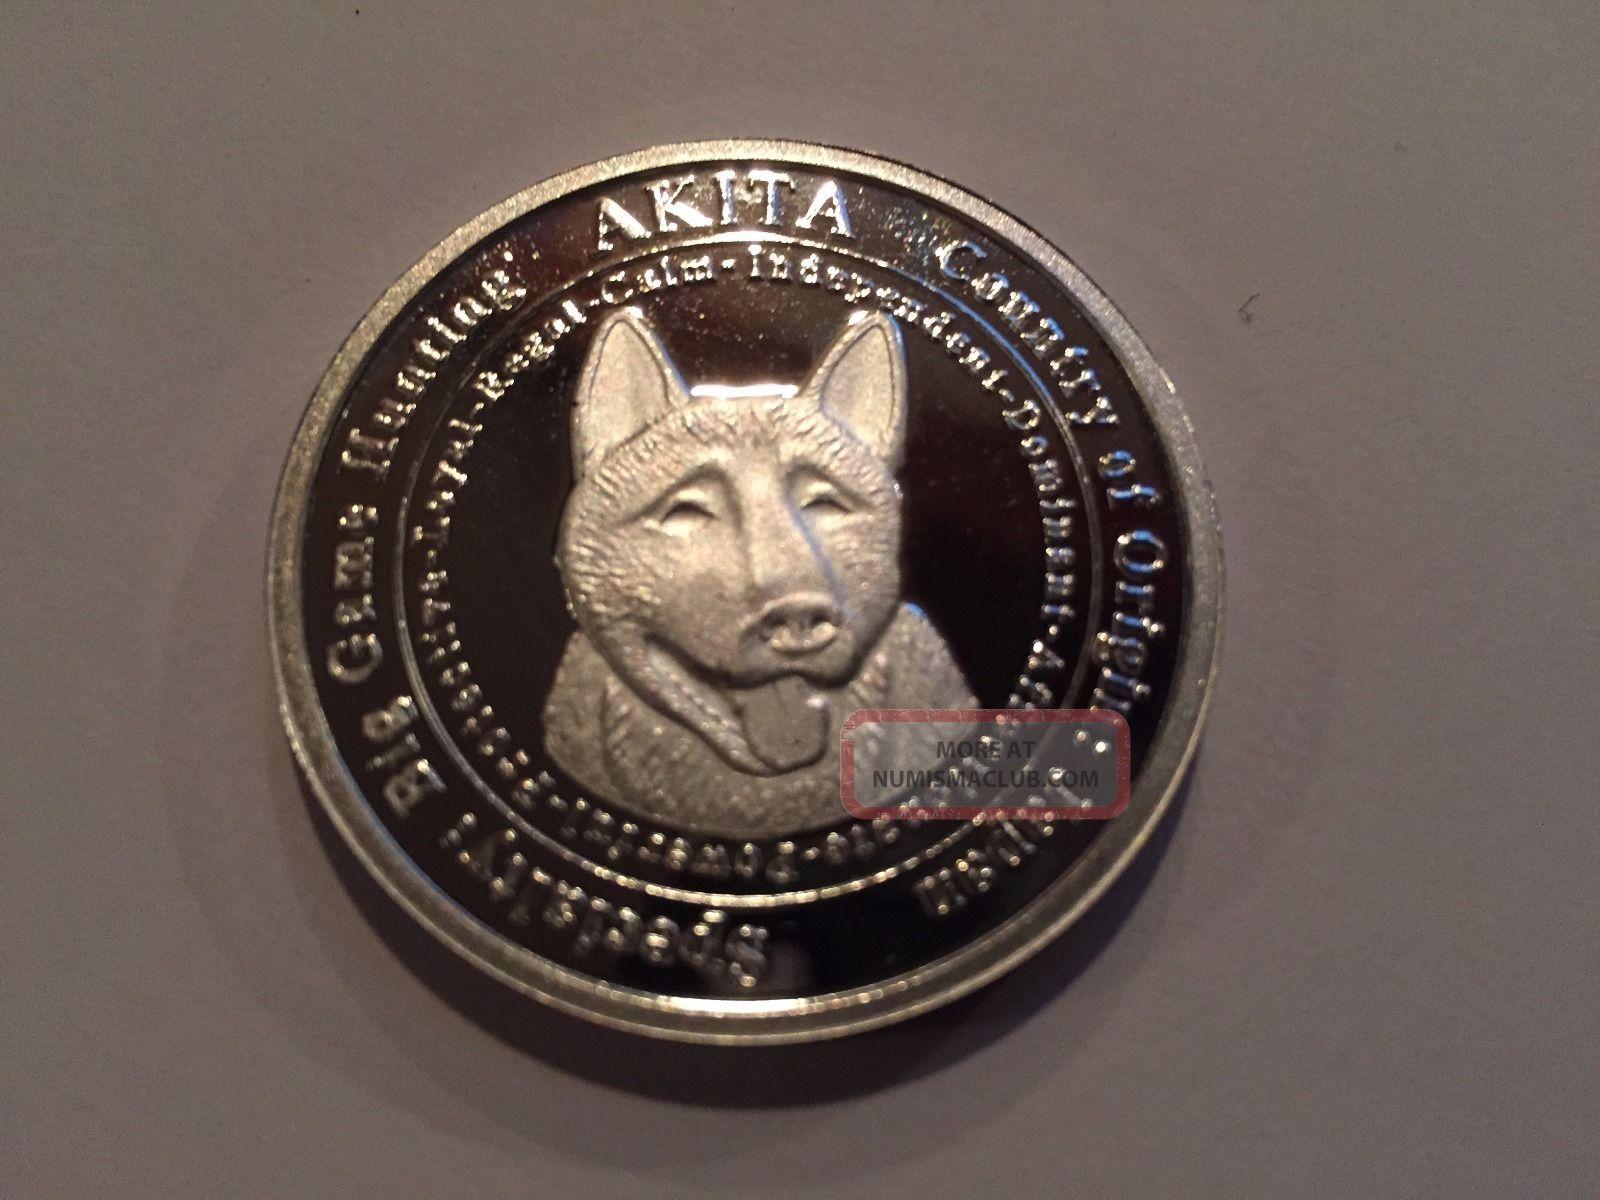 Flash 1 Ounce 999 Fine Silver Private Akita Dog Coin Round